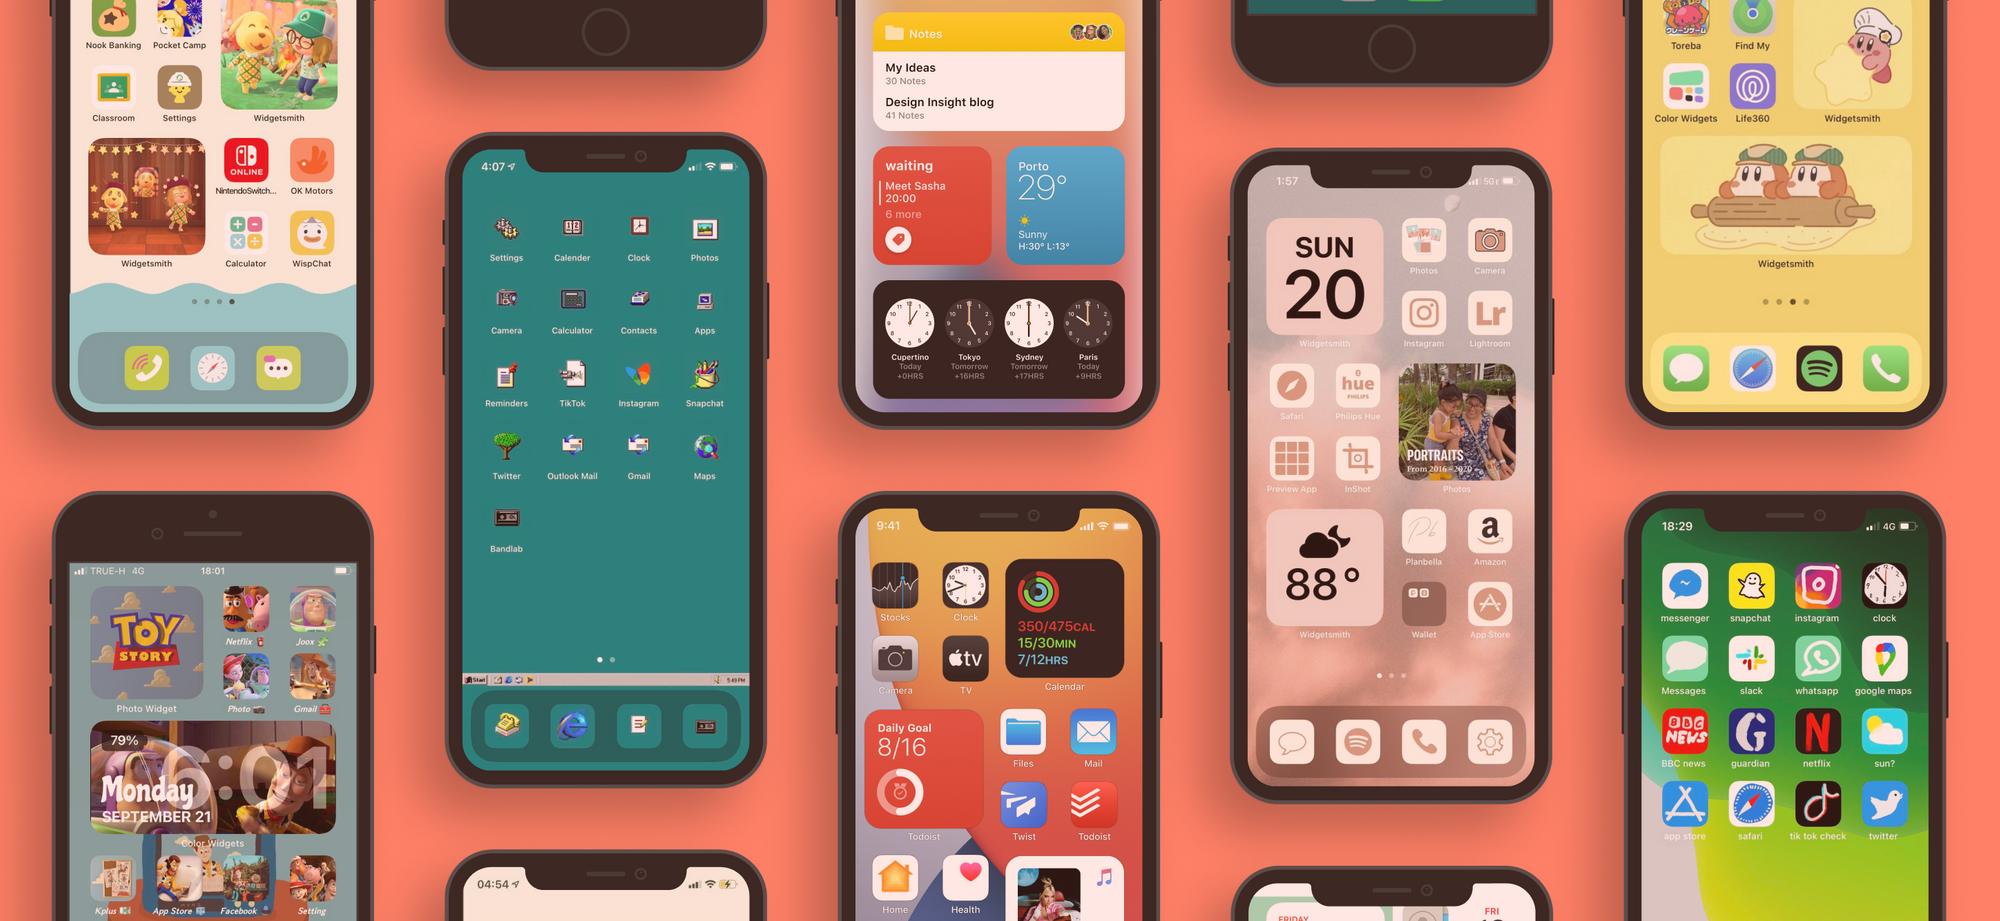 Làm sao để thay đổi biểu tượng ứng dụng iPhone trên iOS 14